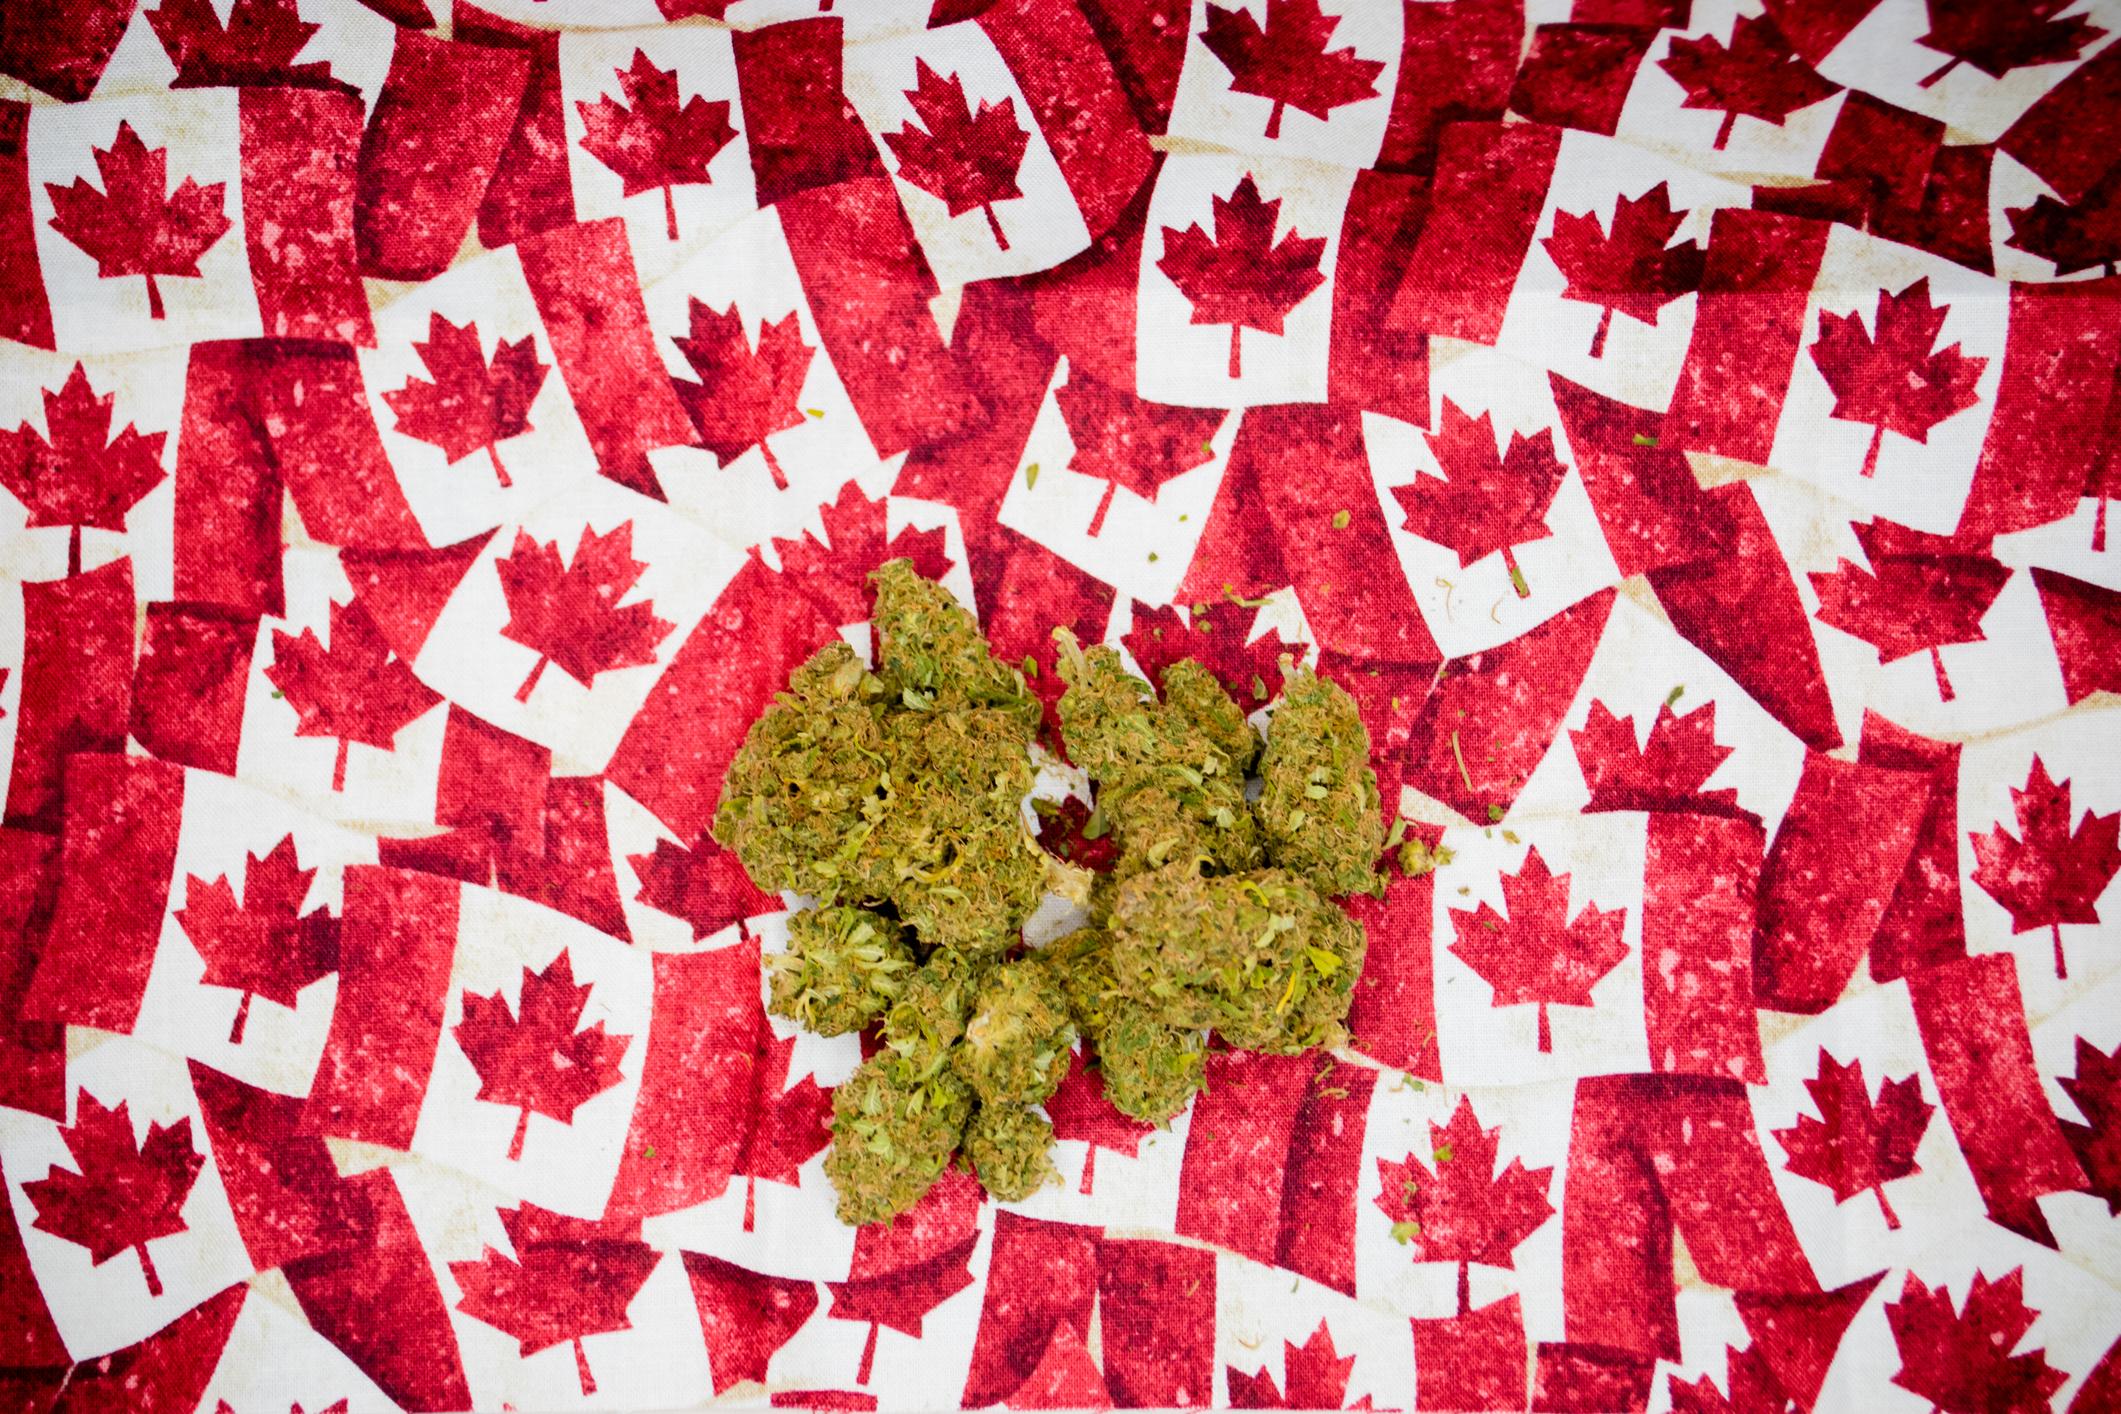 Marijuana lying on small Canadian flags.